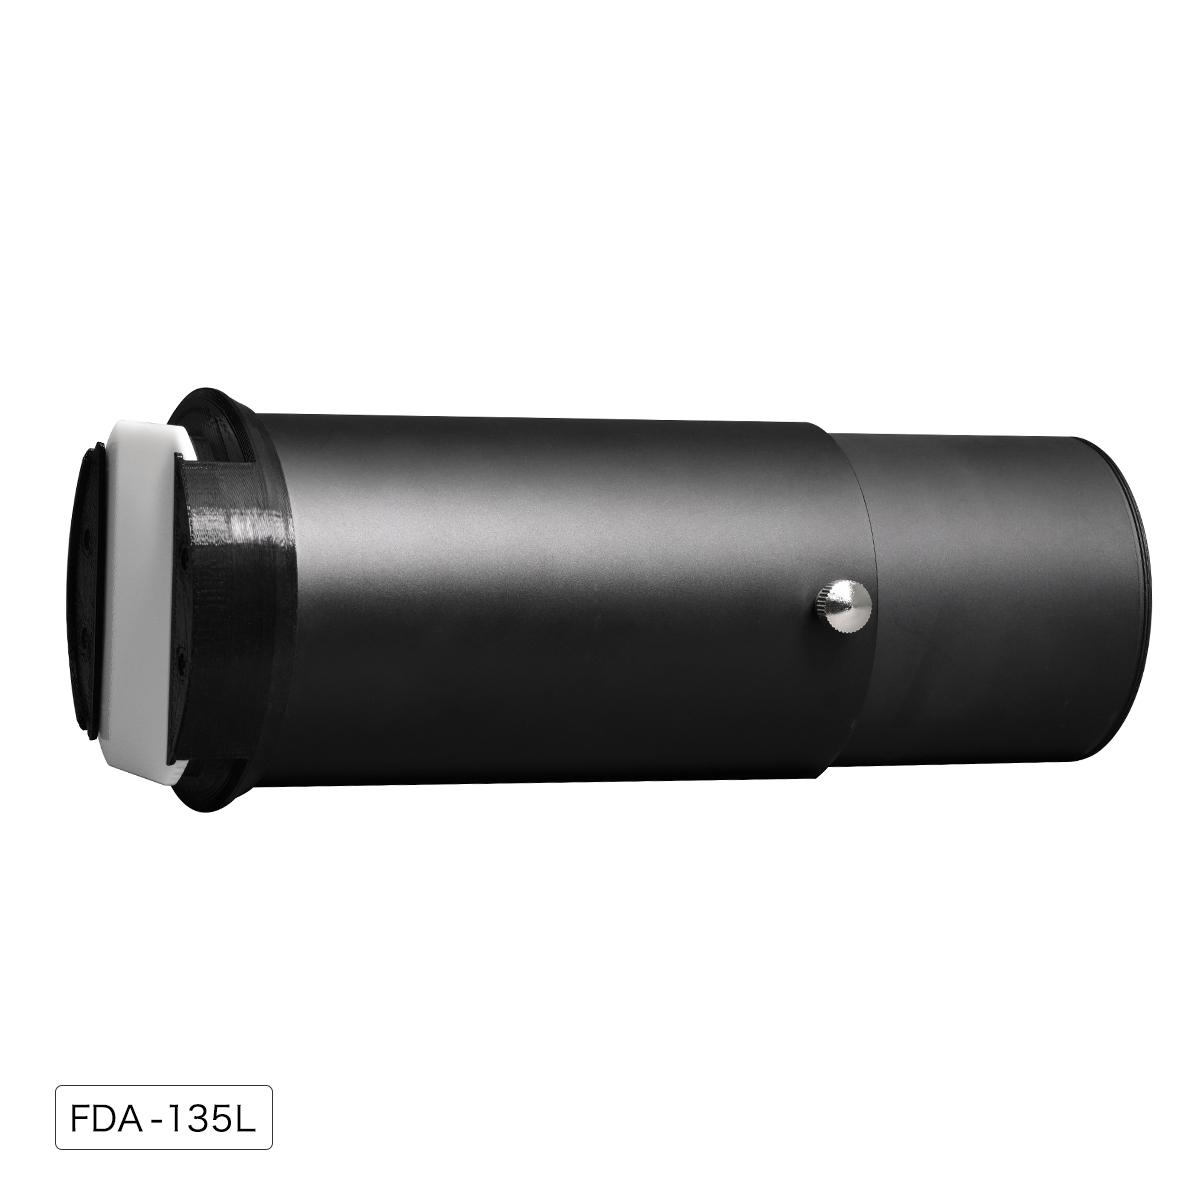 Camflix フィルムデジタイズアダプター 35mmフィルム用